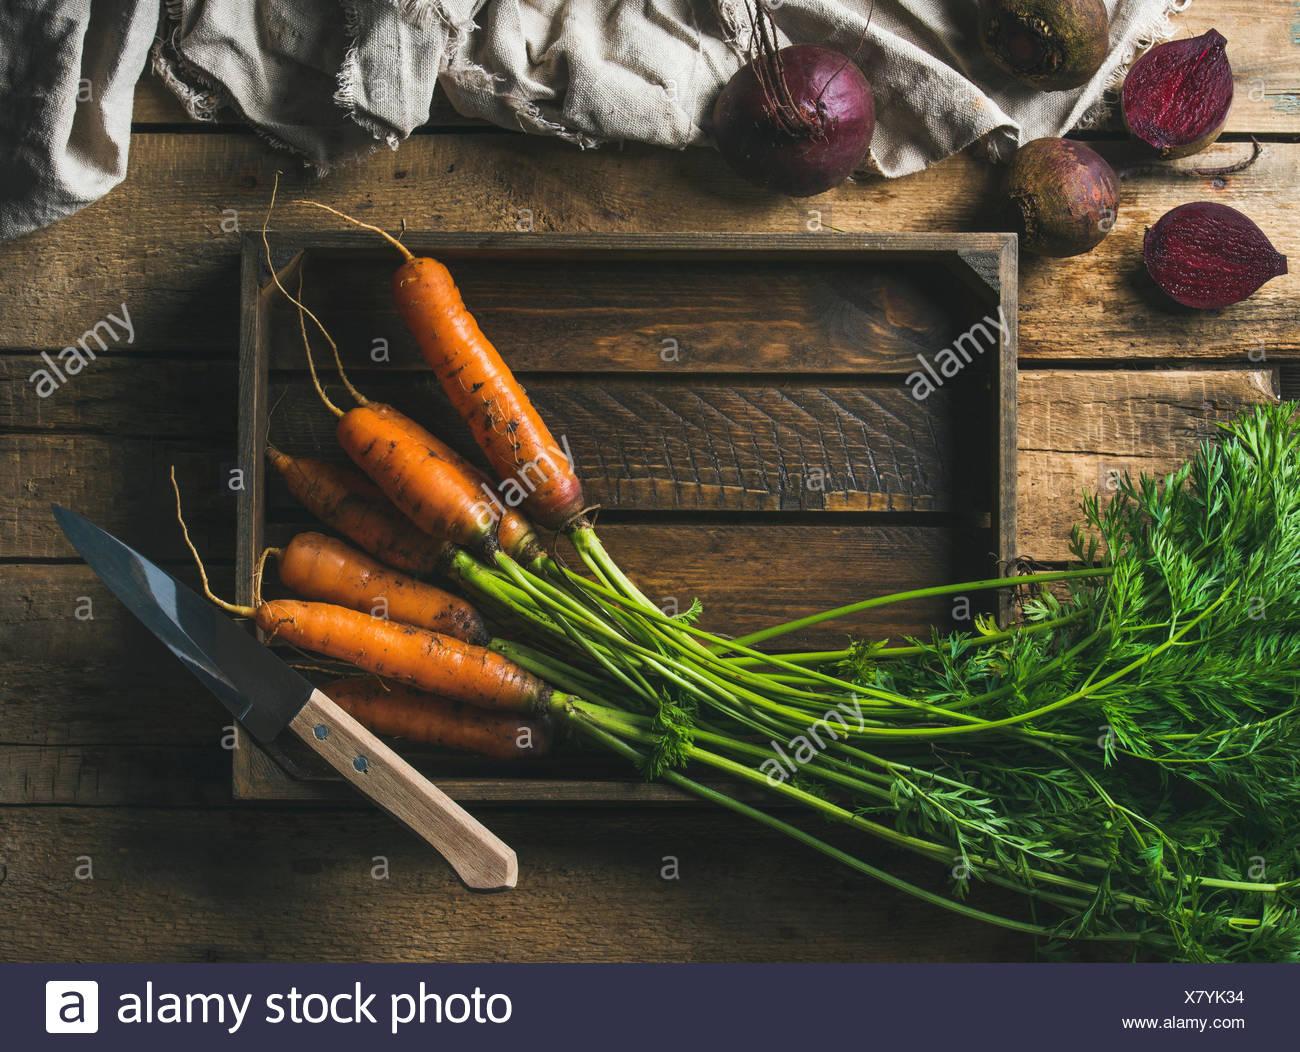 Cibo sano per la cottura dello sfondo. Di ingredienti vegetali. Fresco giardino carote e barbabietole nel vassoio in legno su legno rustico bac Immagini Stock